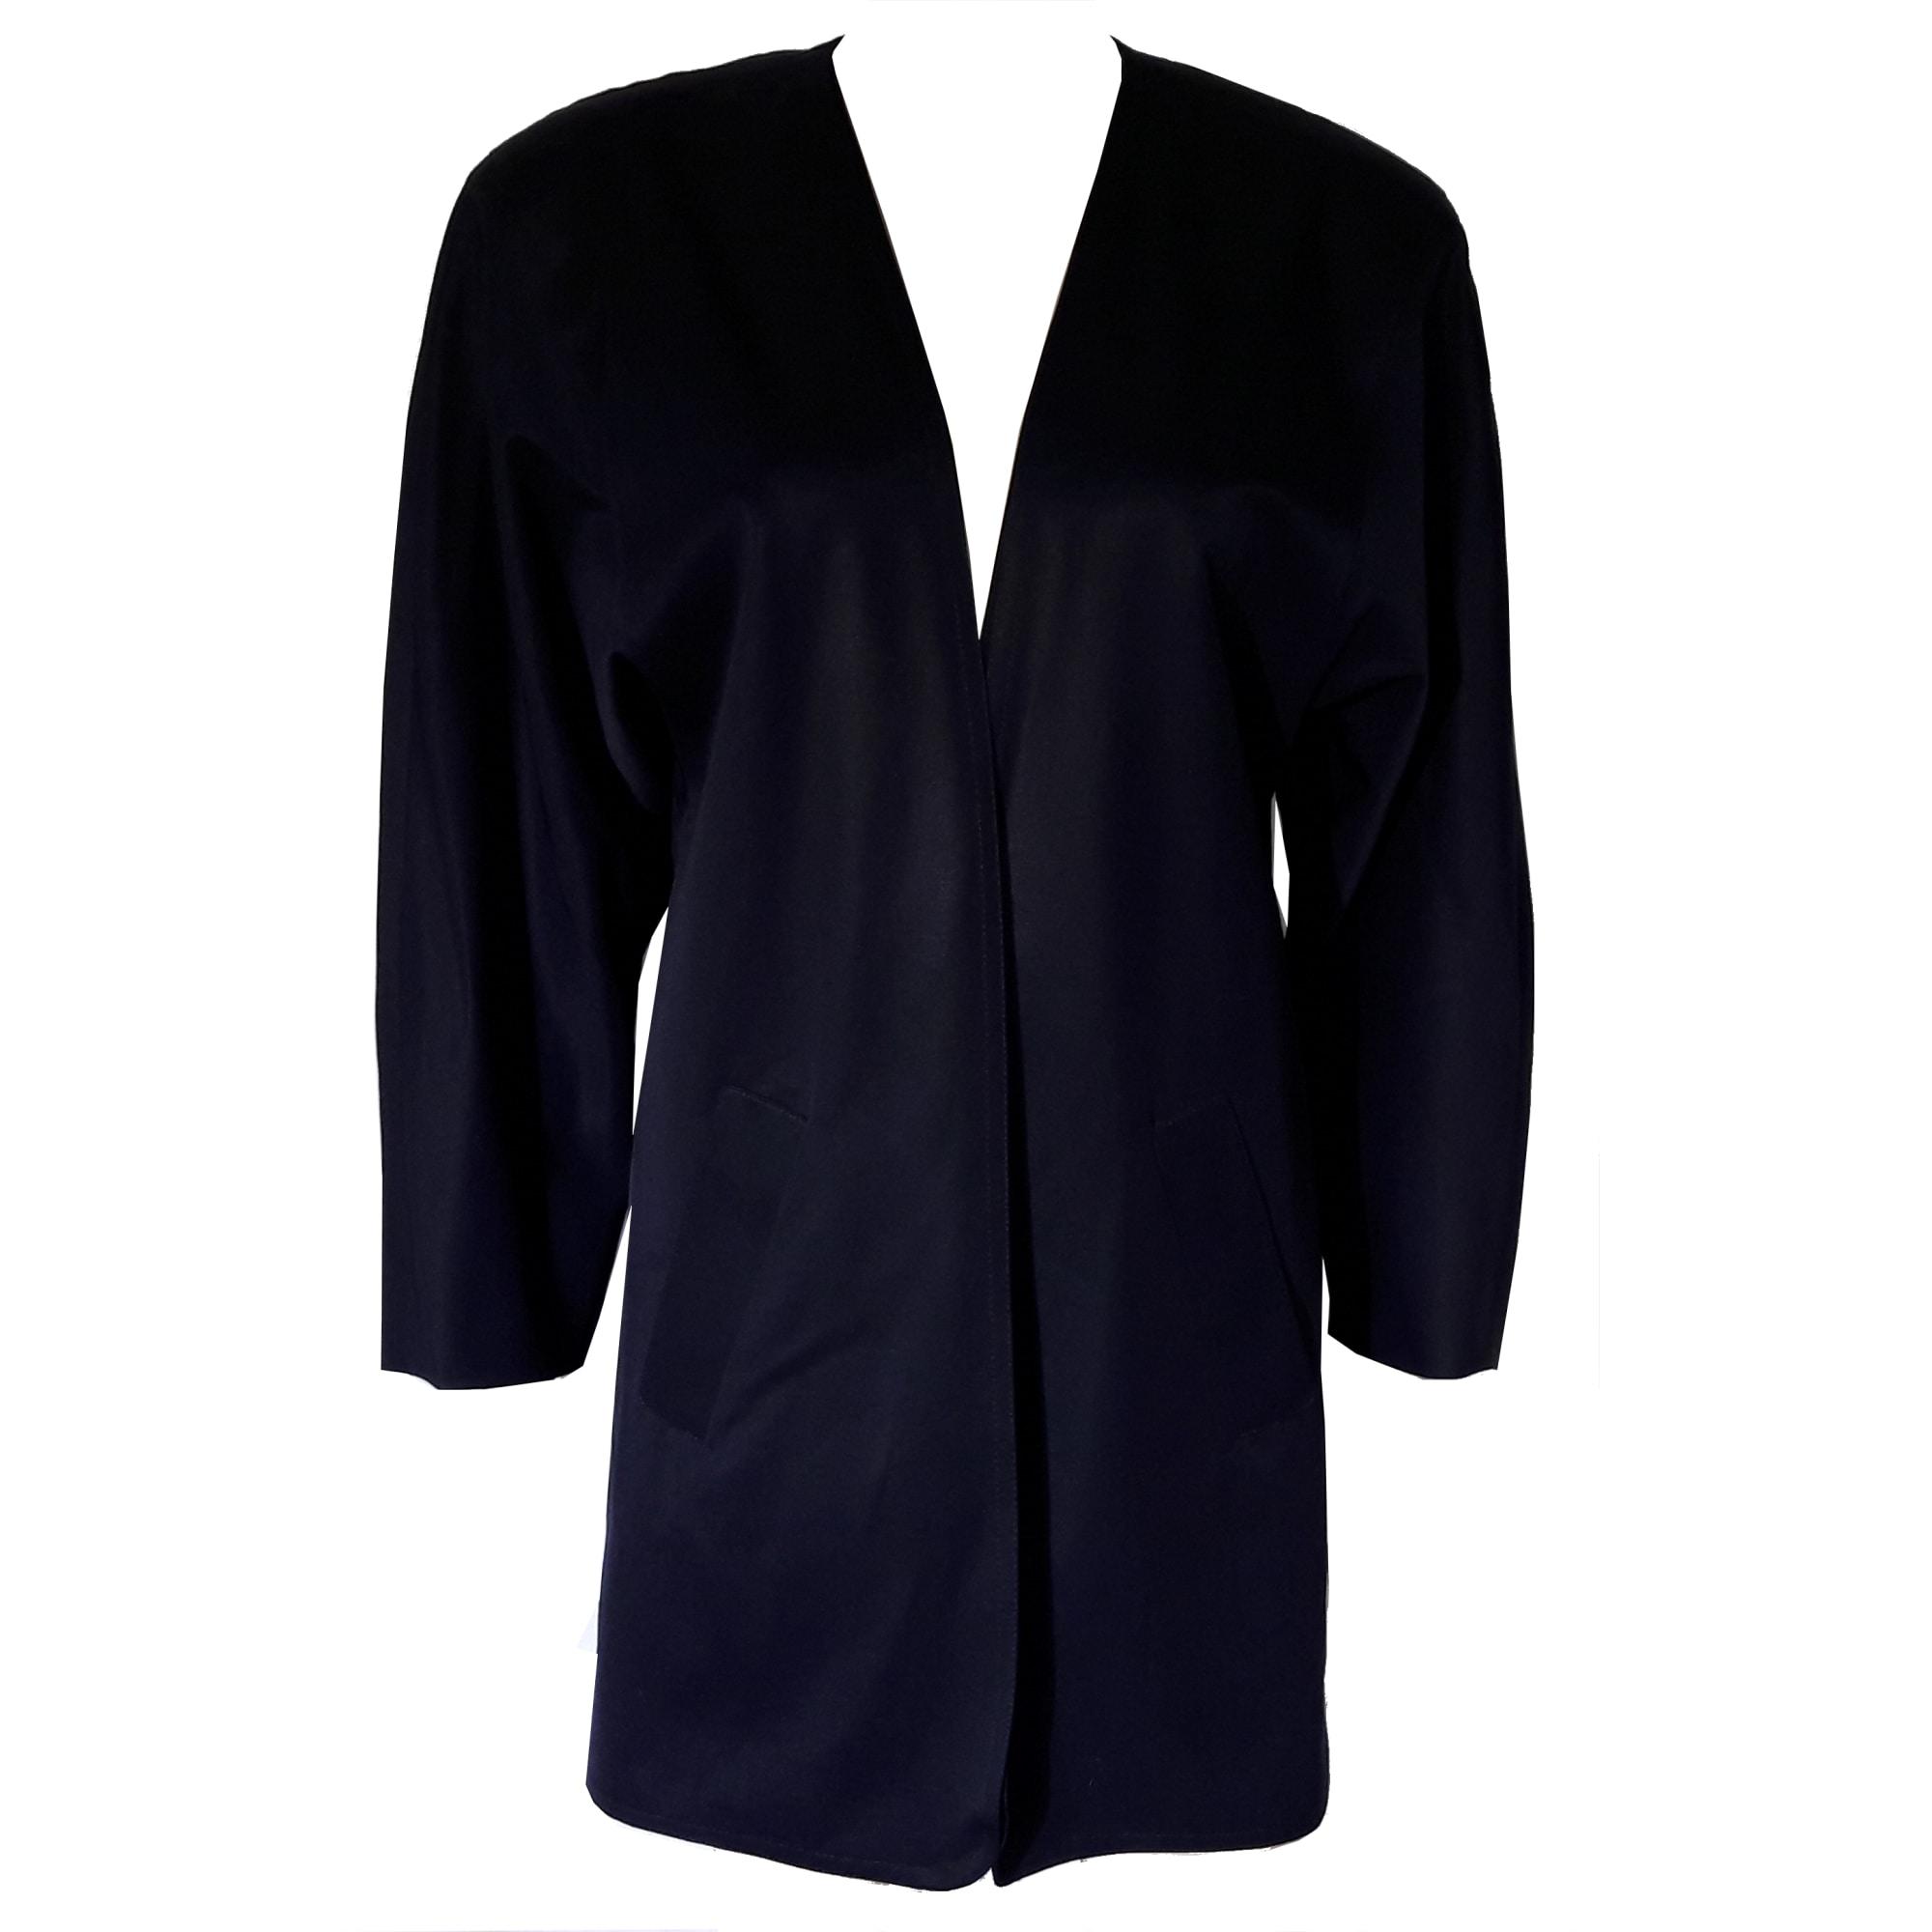 Louis Bleu Veste l Féraud 5461751 Tailleur Blazer 40 T3 ORnwPqx